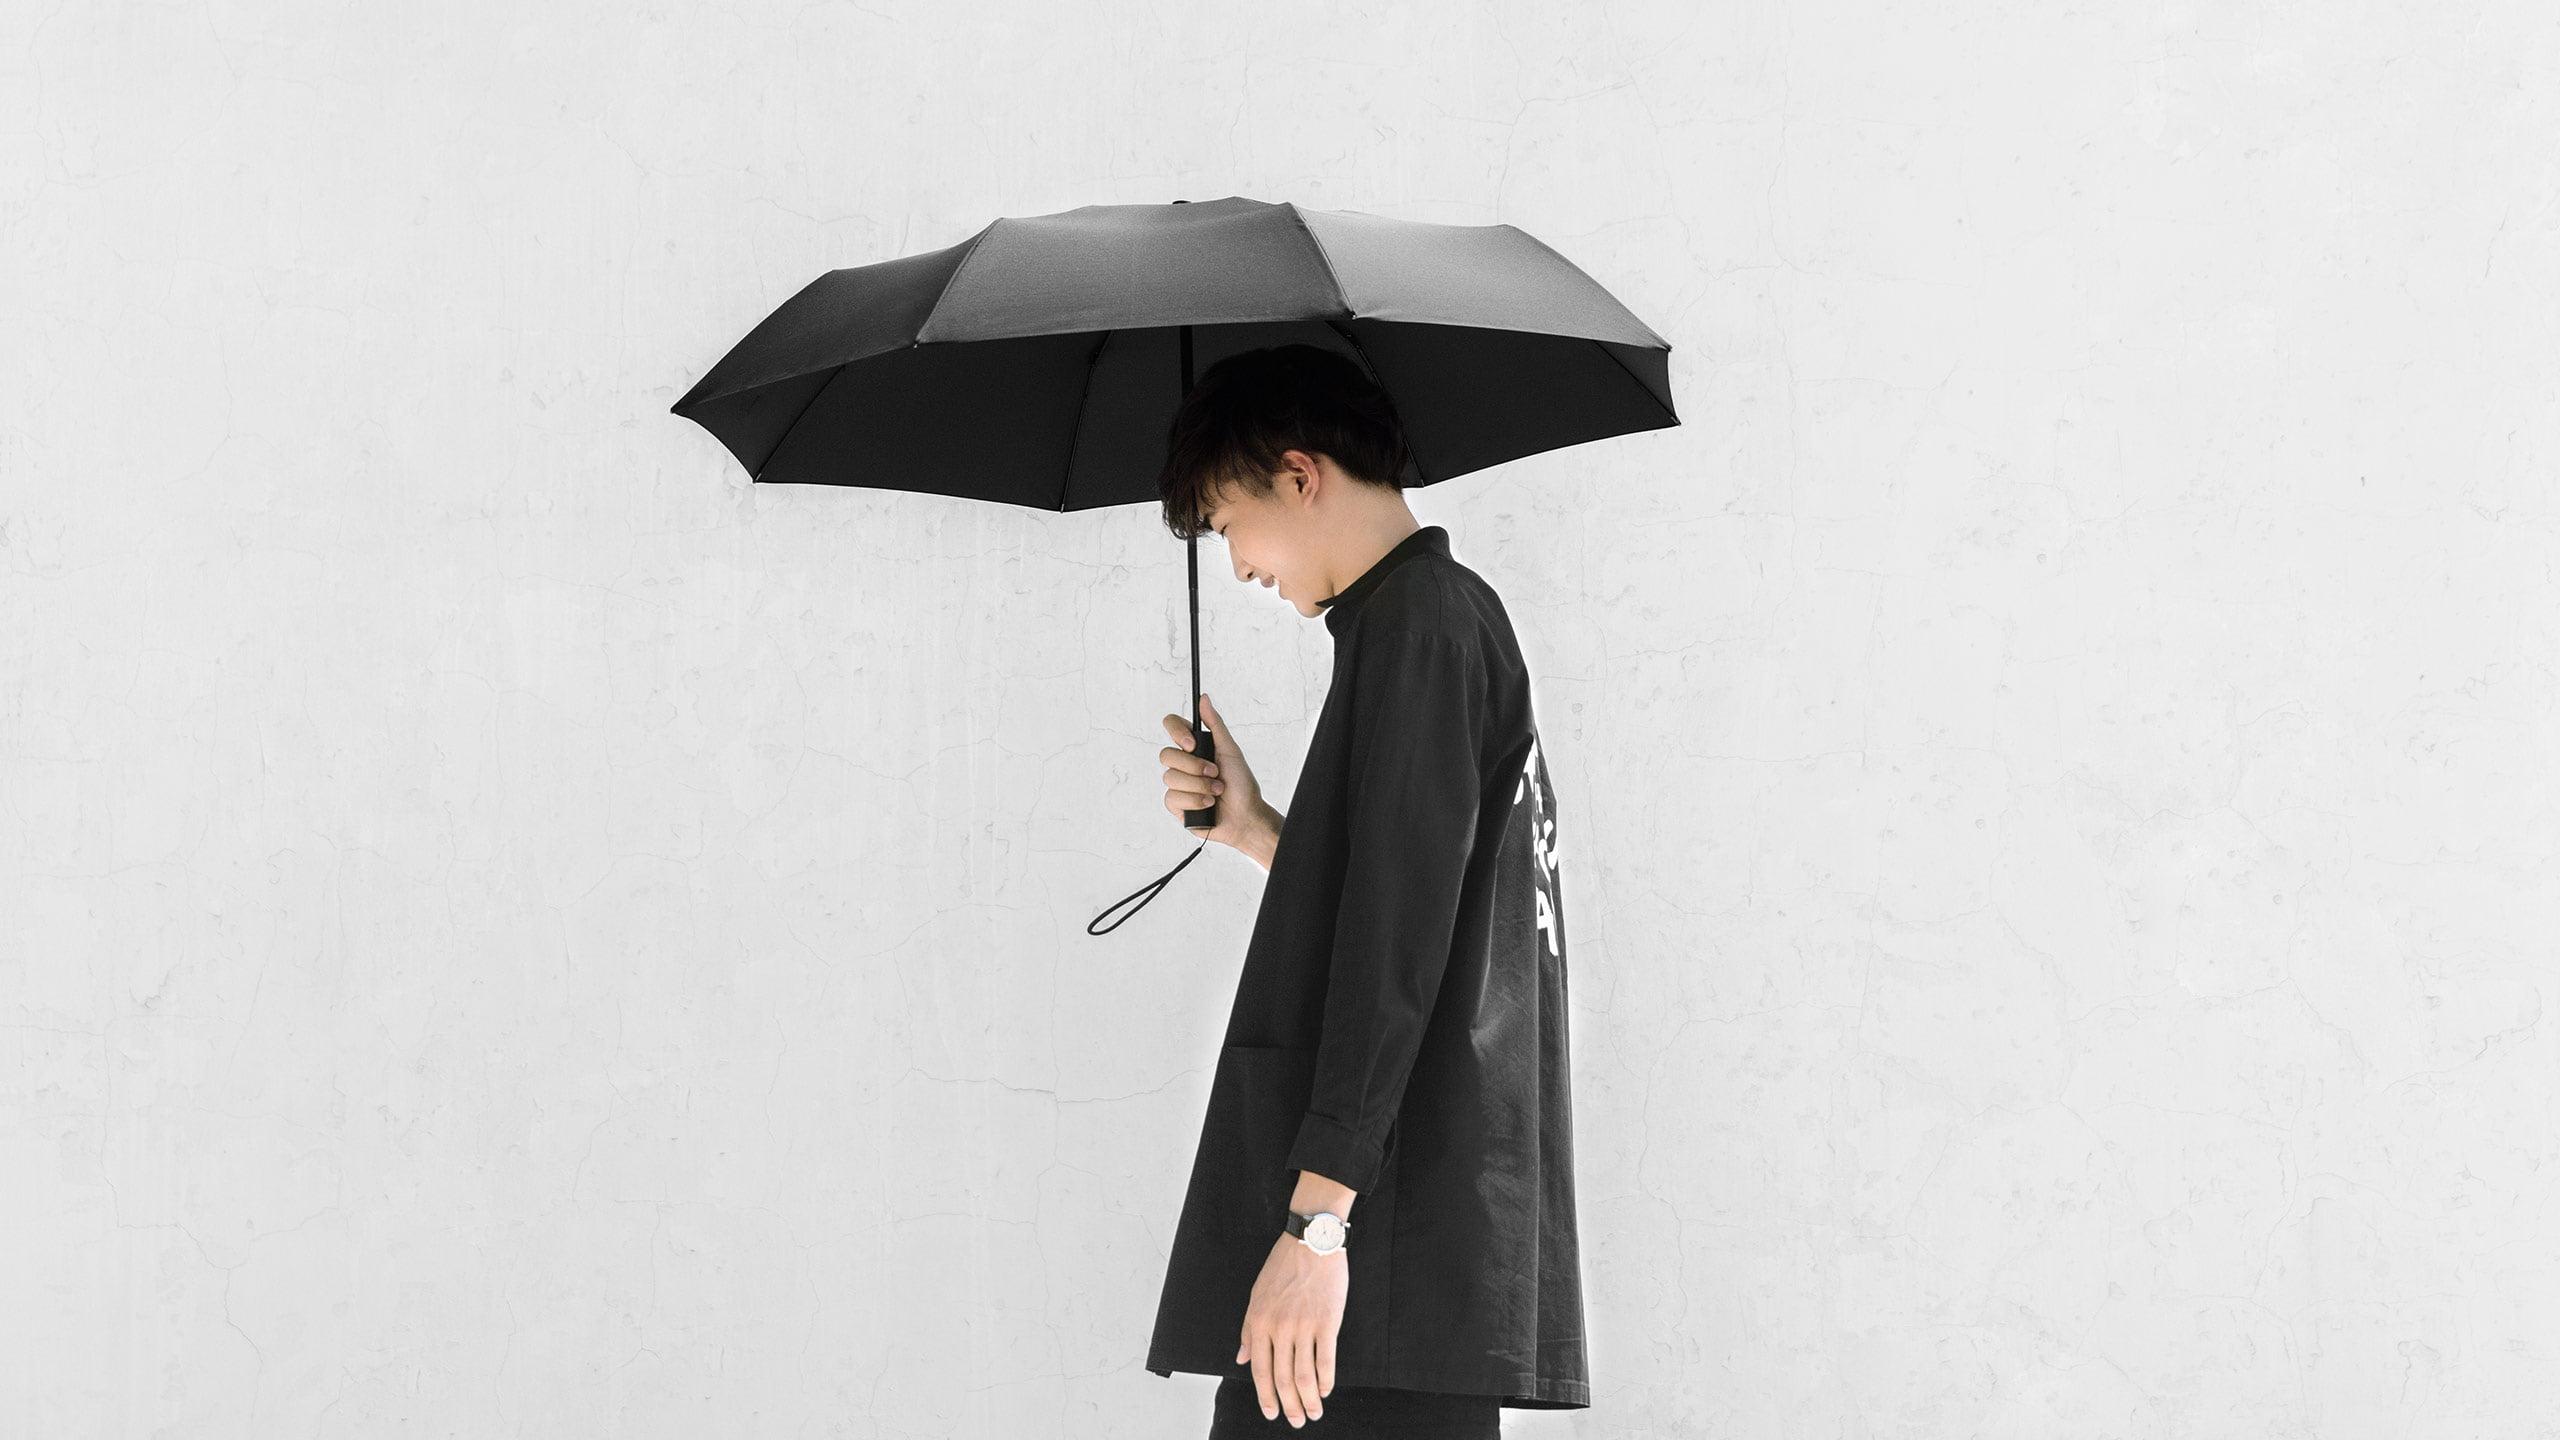 Nowe urządzenia Xiaomi dostępne w oficjalnej polskiej dystrybucji, w tym na przykład... parasol 17